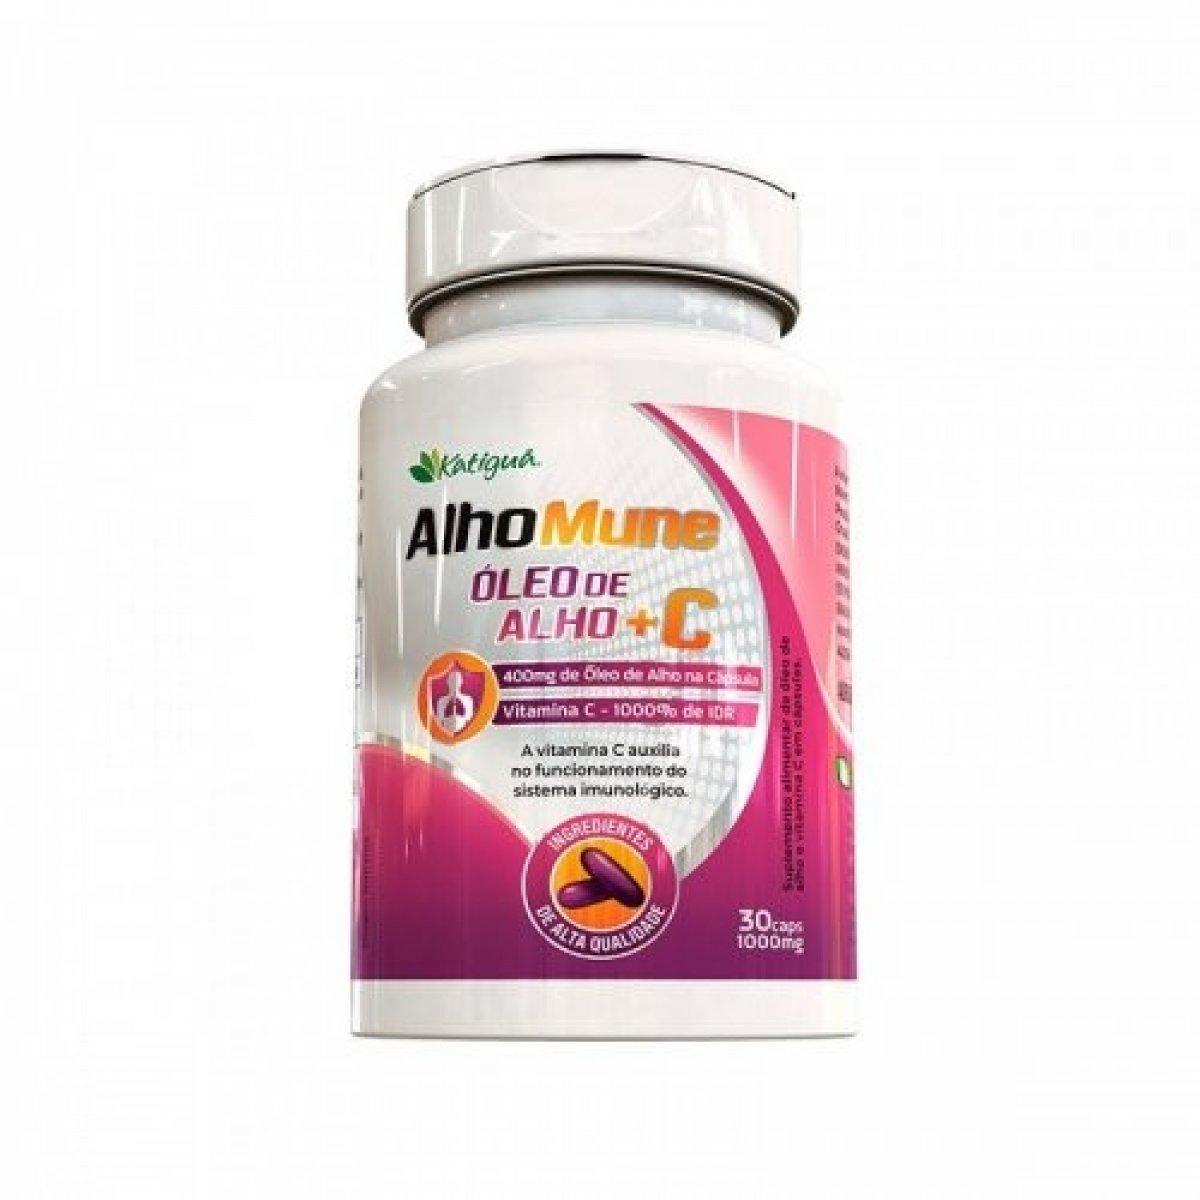 AlhoMune Óleo de Alho + Vitamina C